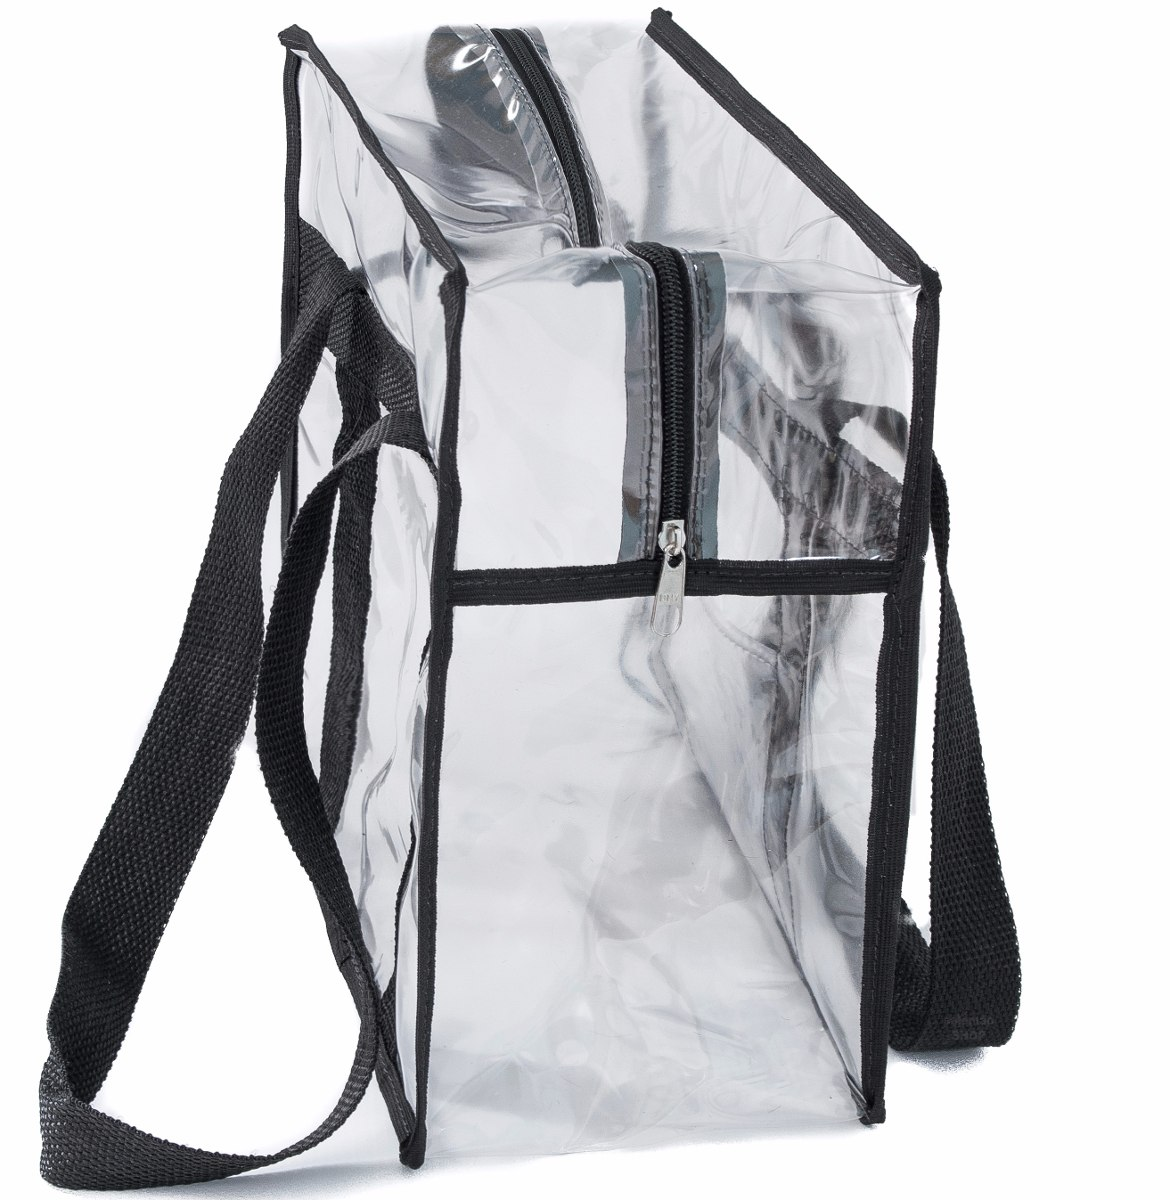 51e579a4b bolsa sacola plástica 30mm transparente pequena 30 x 30. Carregando zoom.